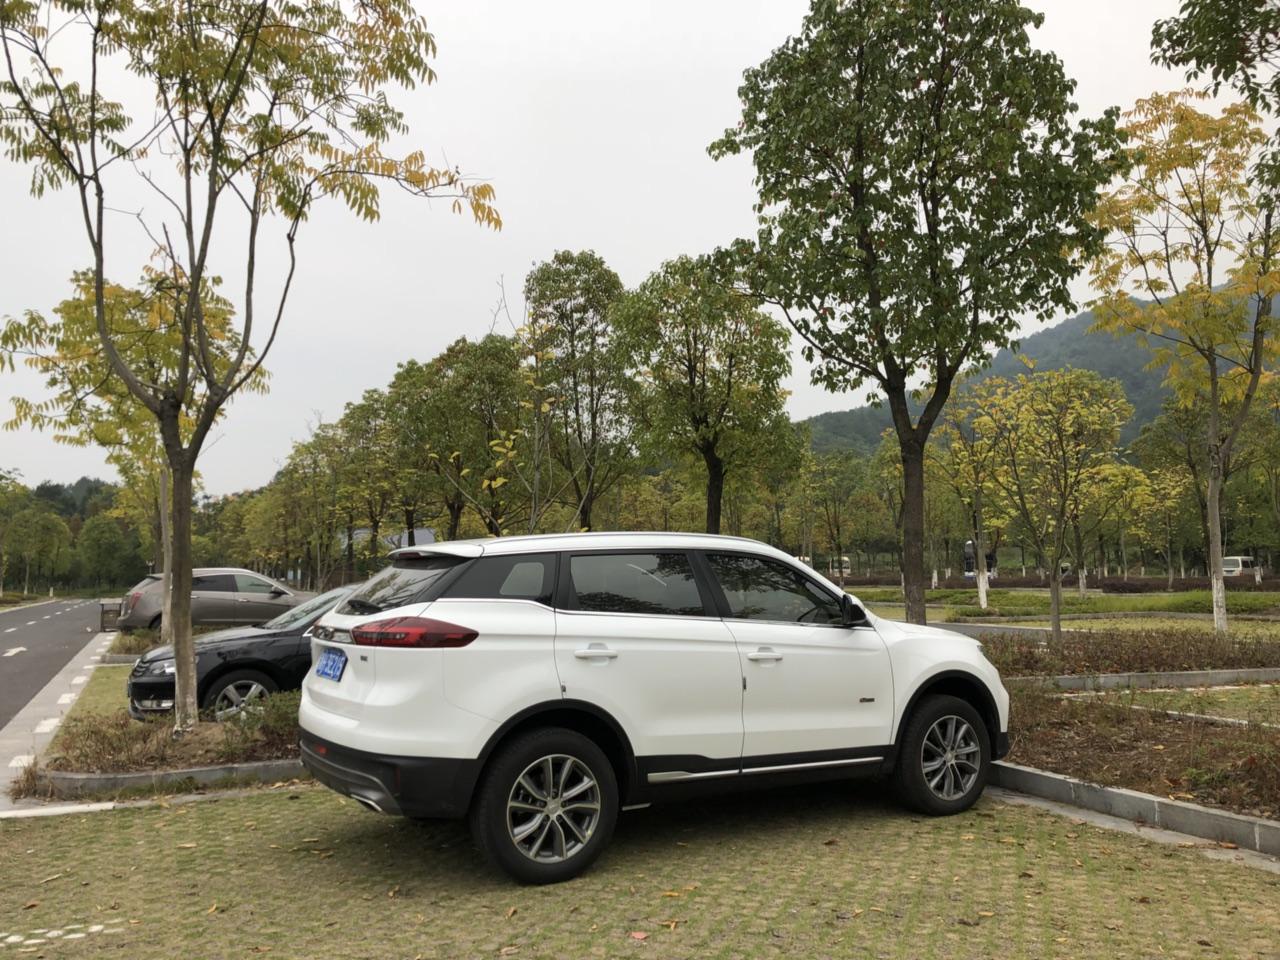 有一辆爱车打算卖掉,吉利博越2018款,1.8T自动4G联网。有全景天窗。车子是2018年十月份买的...